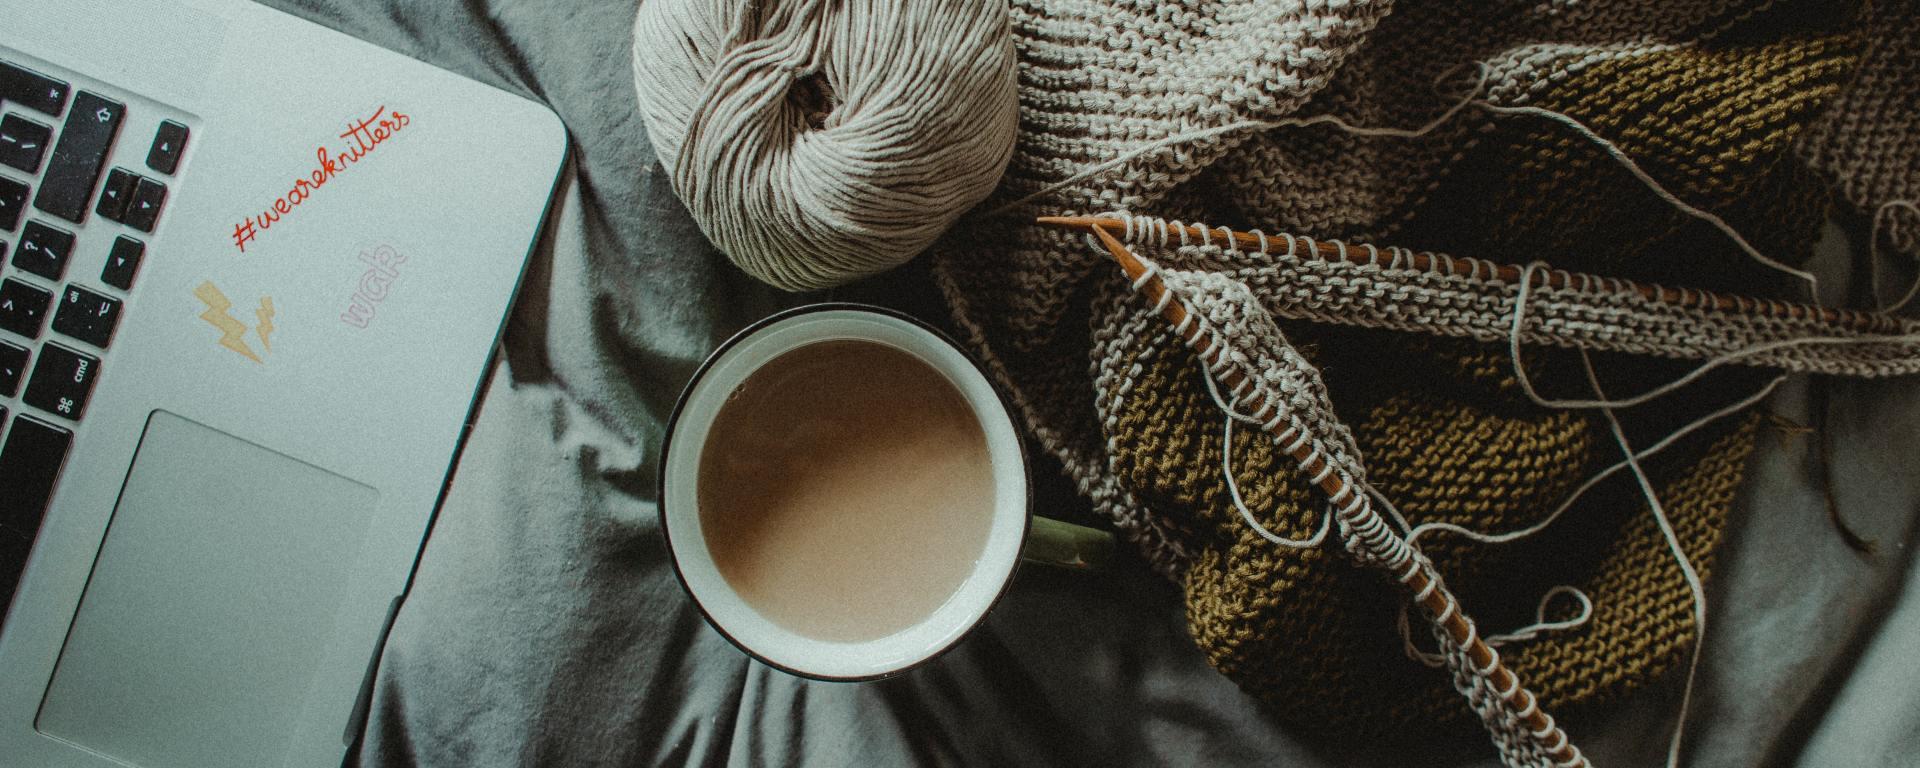 laptop, coffee, knitting